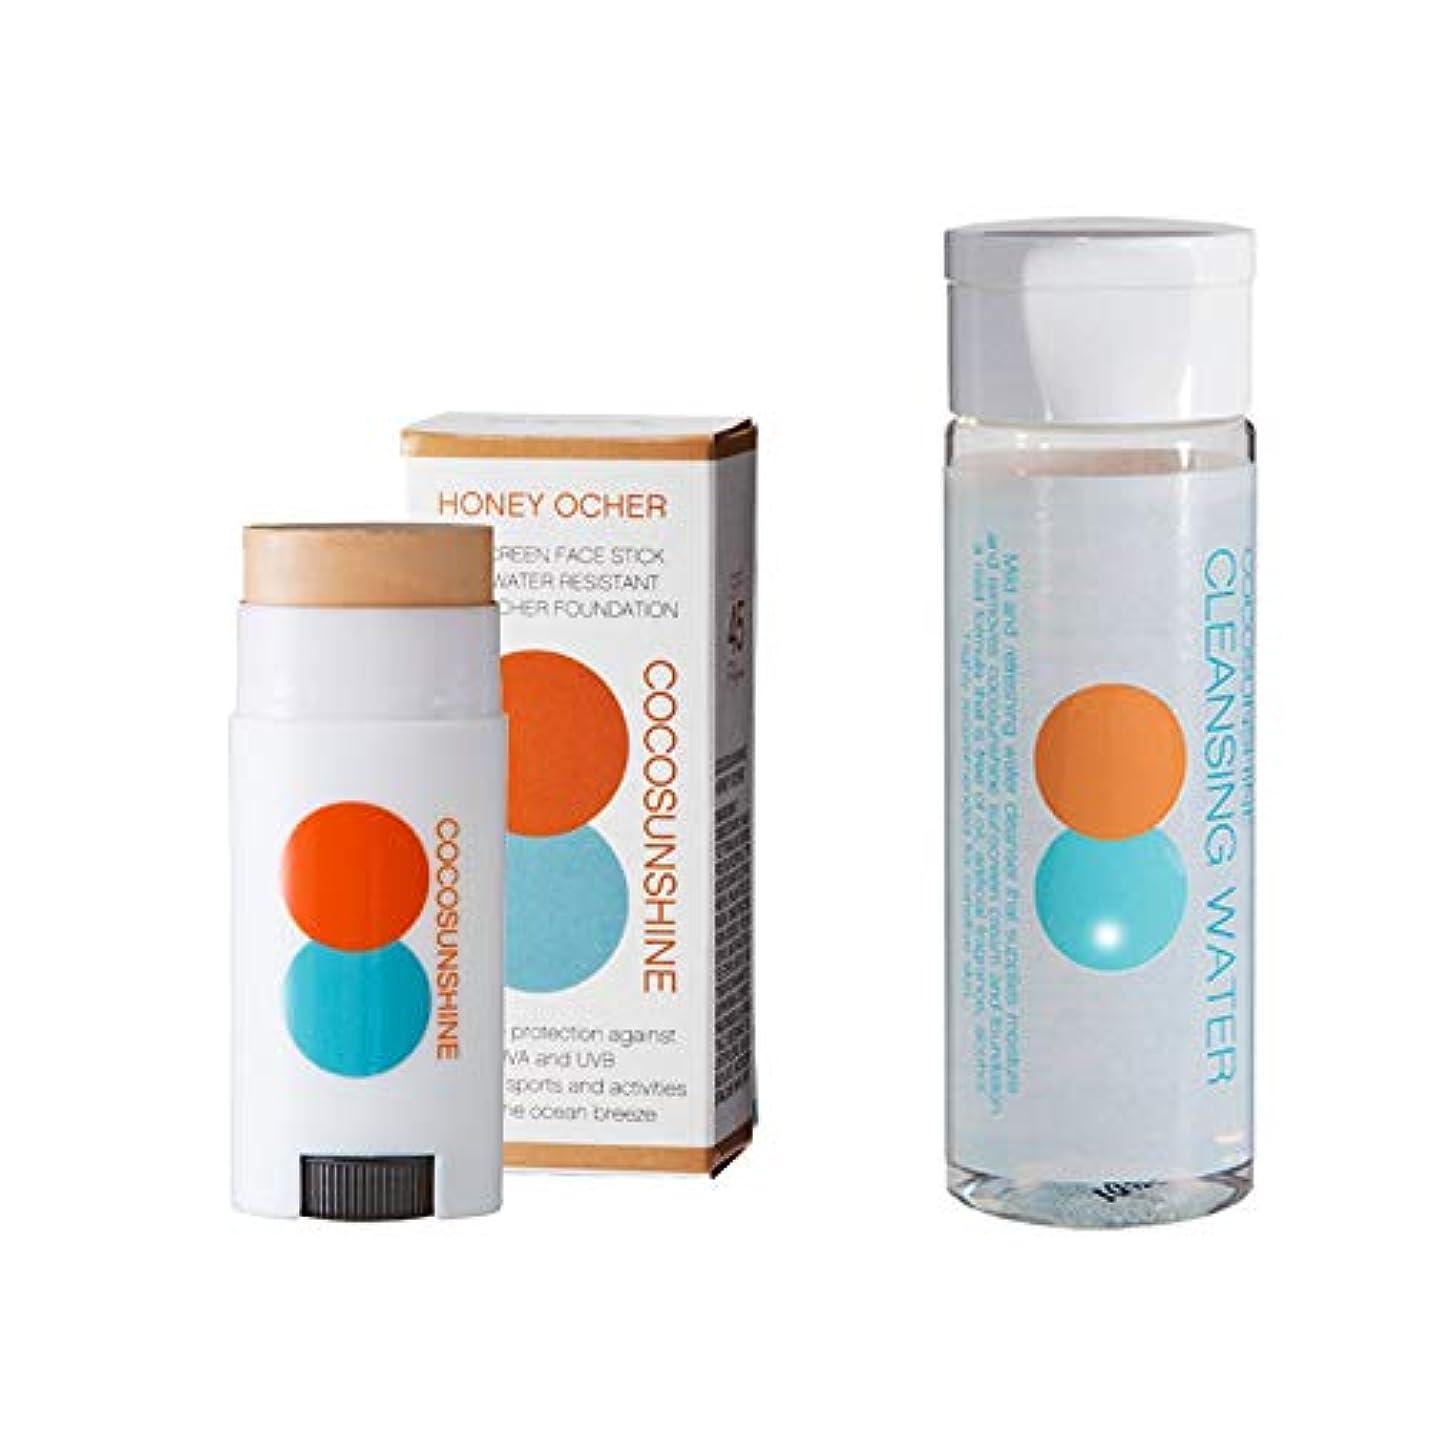 喉頭振る舞い削除するココサンシャイン FACE STICK MANGO BROWN SPF45 PA++ (マンゴーブラウン) 専用クレンジングウォーターセット